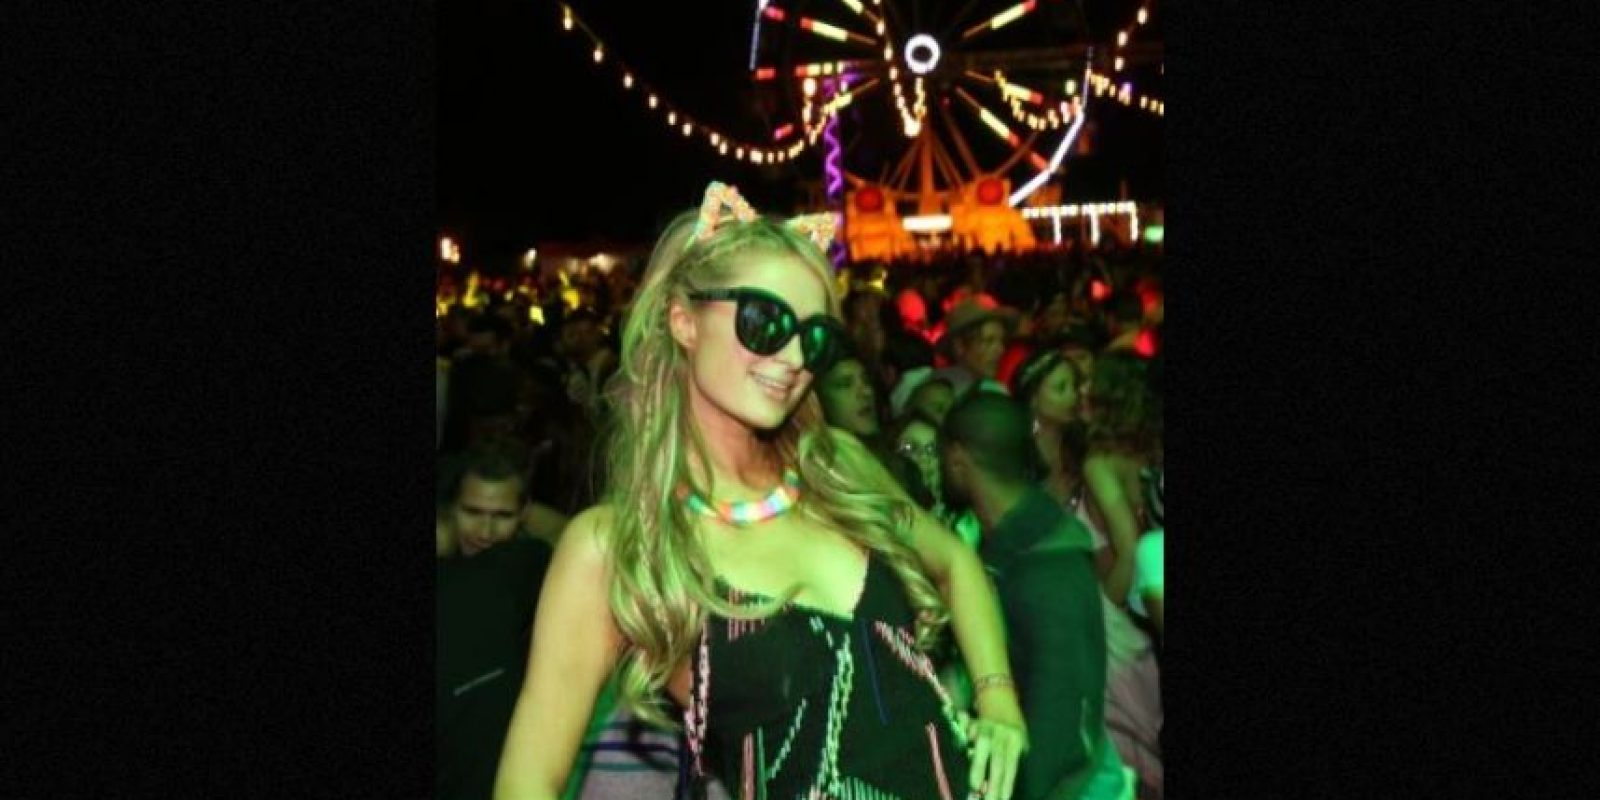 Paris Hilton ha sido captada fumando cigarrillos armados. Incluso, fue fotografiada con una bolsa de hierba en su cartera Foto:Getty Images